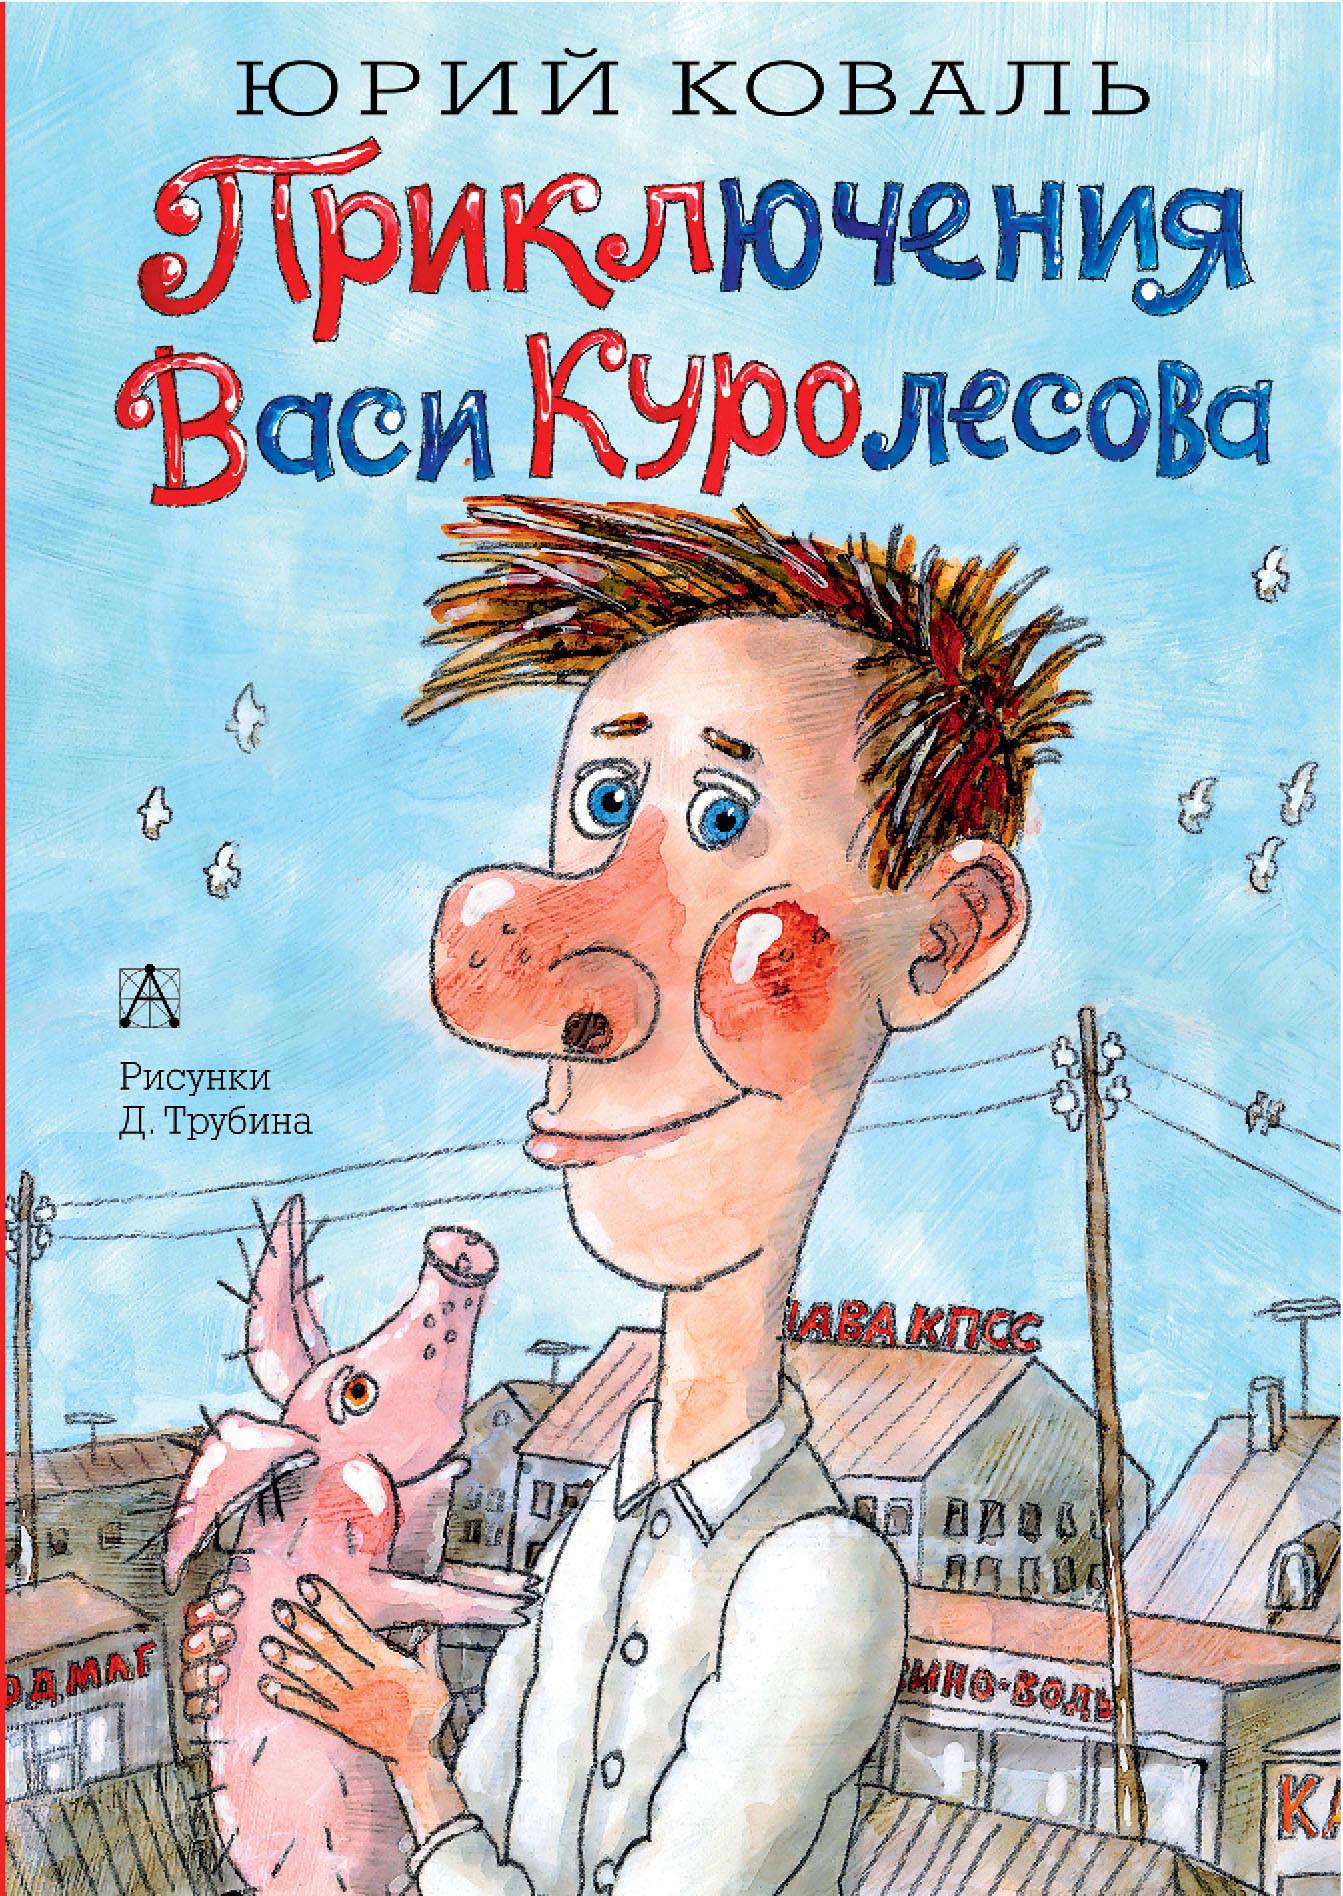 Коваль Ю.И. Приключения Васи Куролесова